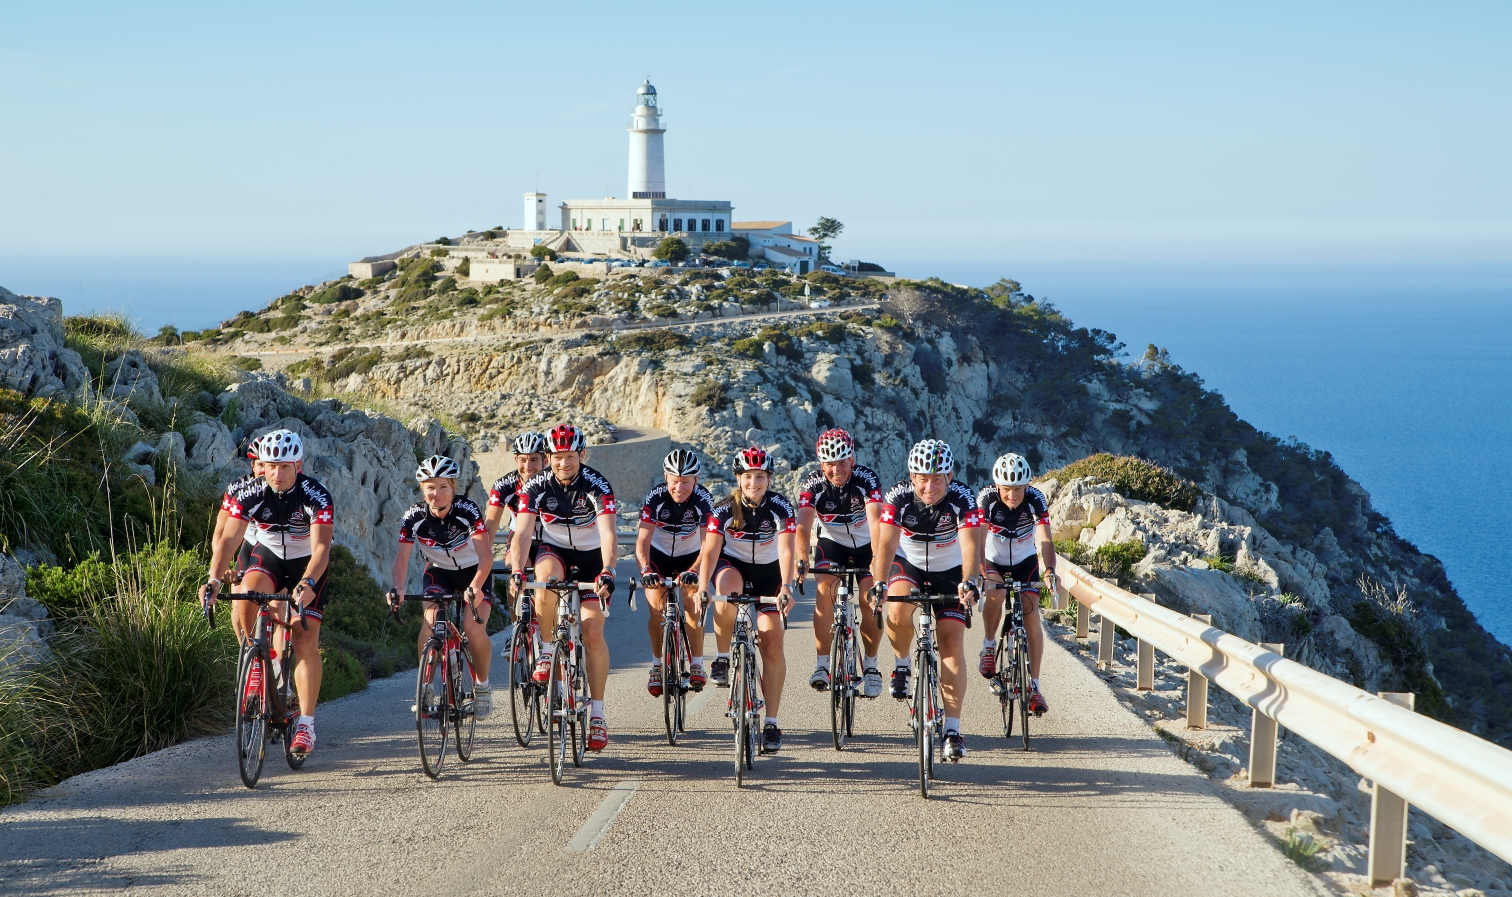 Entspannter Radurlaub auf Mallorca im Herbst: Traumhafte Küsten und faszinierendes Hinterland